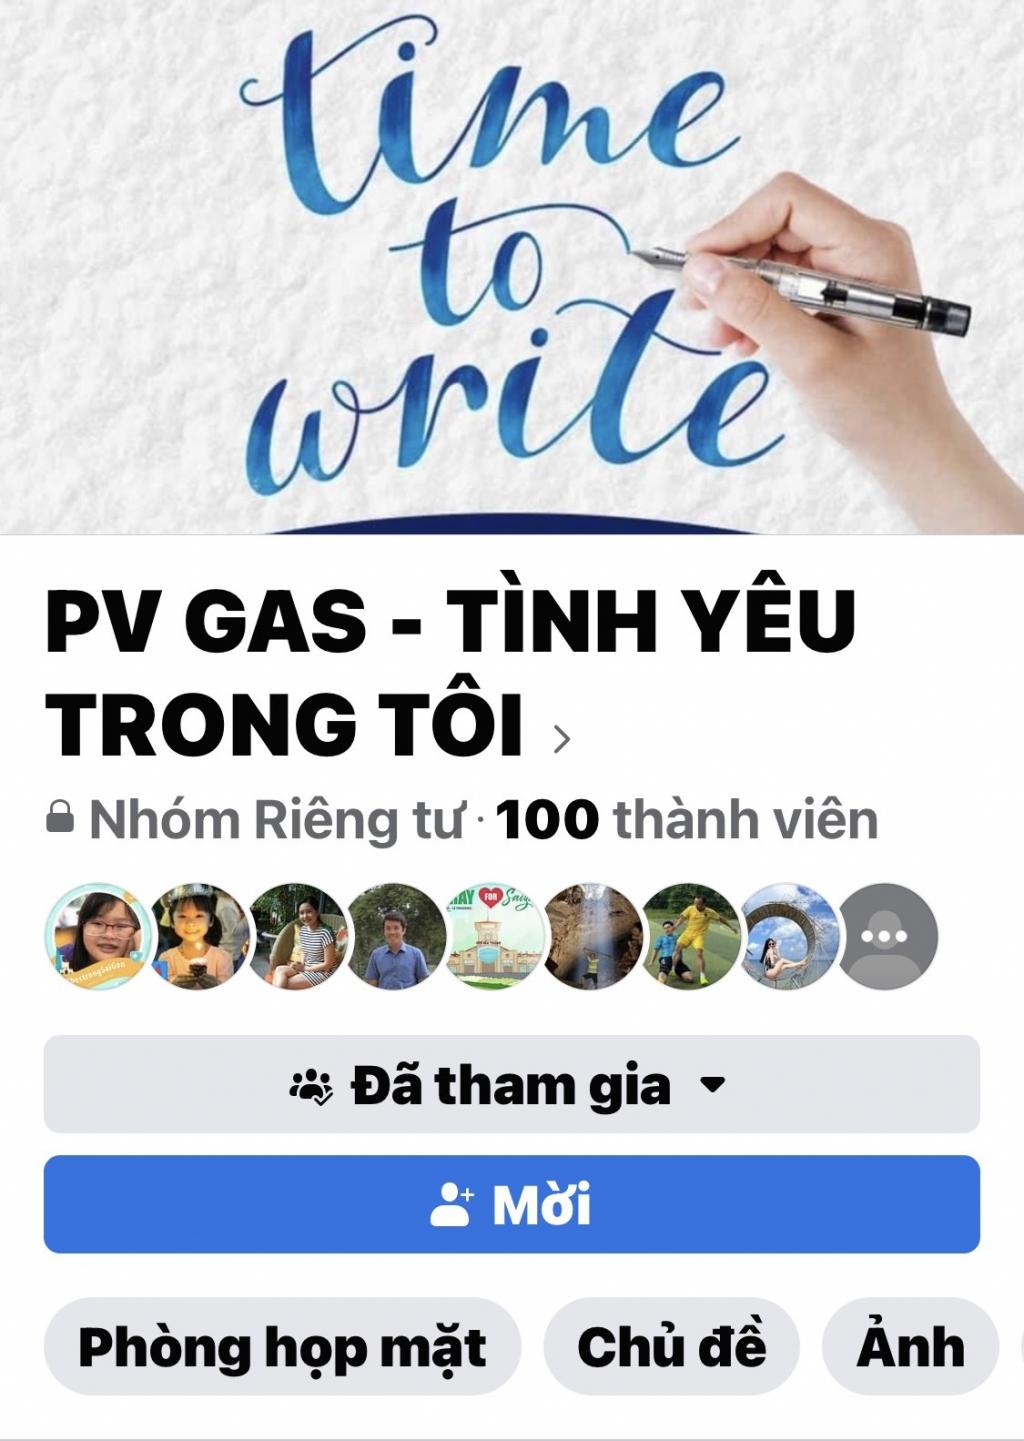 Công đoàn CQĐH PV GAS  tổ chức cuộc thi viết